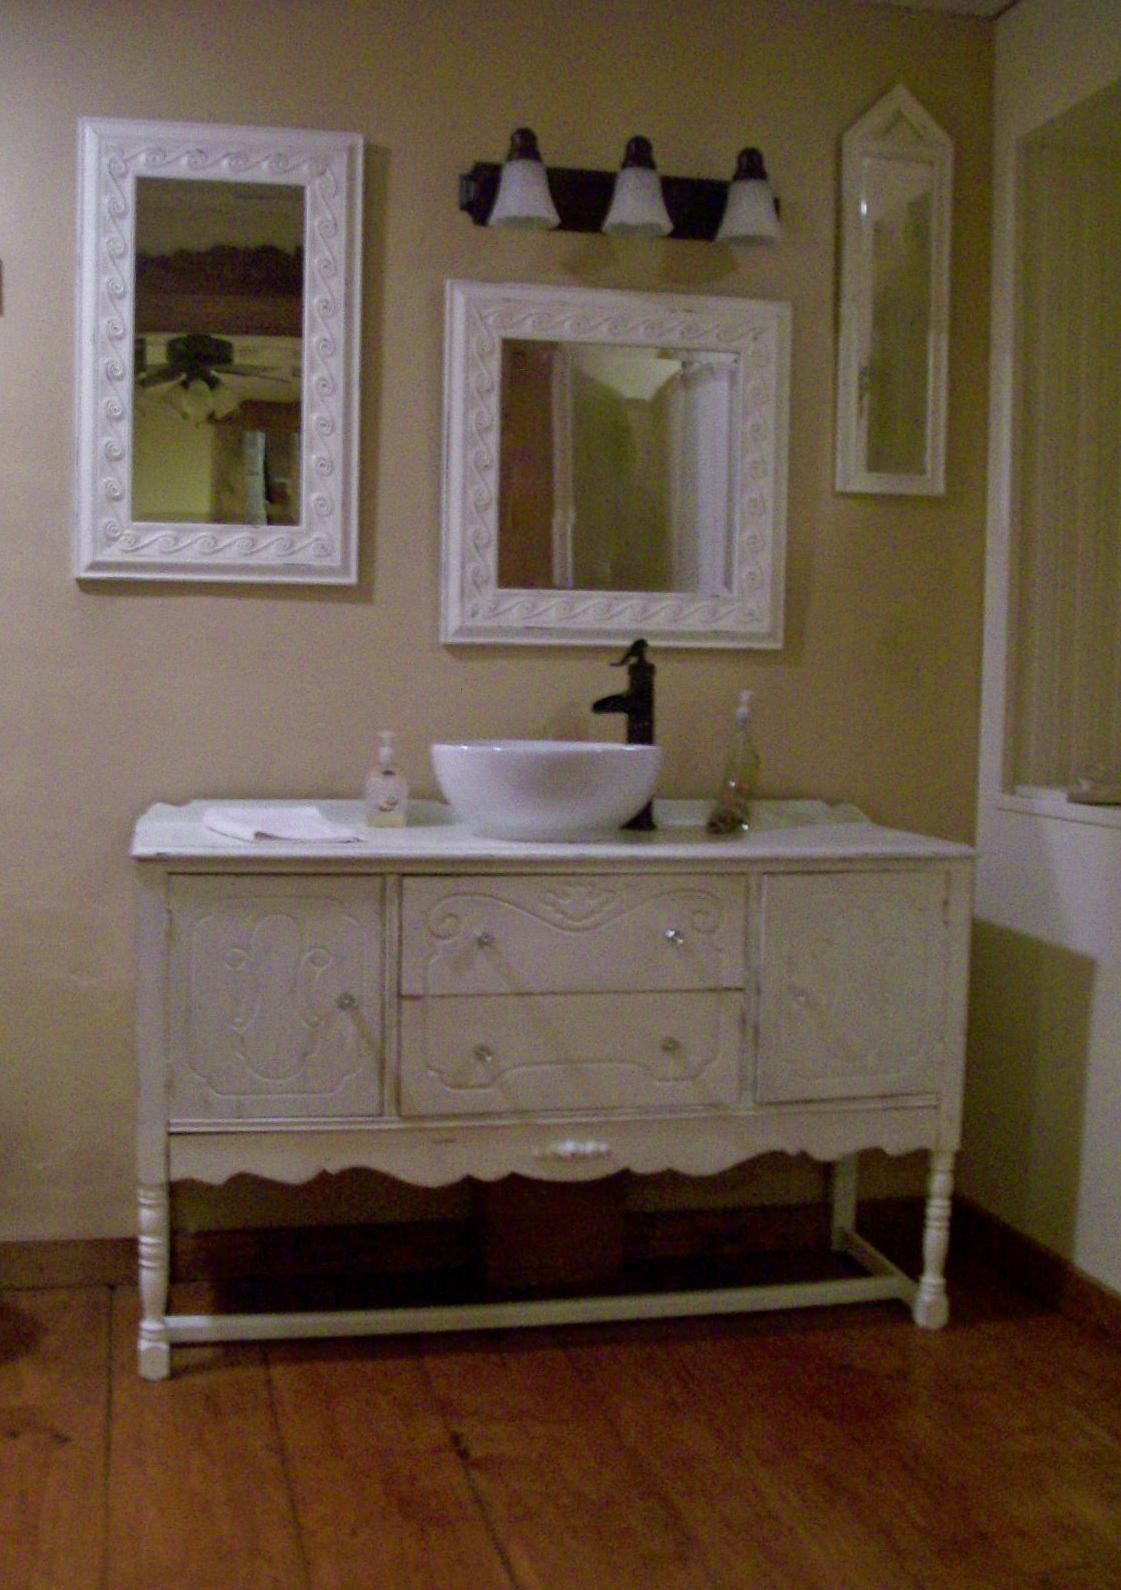 Antique bathroom vanities with vessel sinks - Antique Bathroom Vanities With Vessel Sinks 22